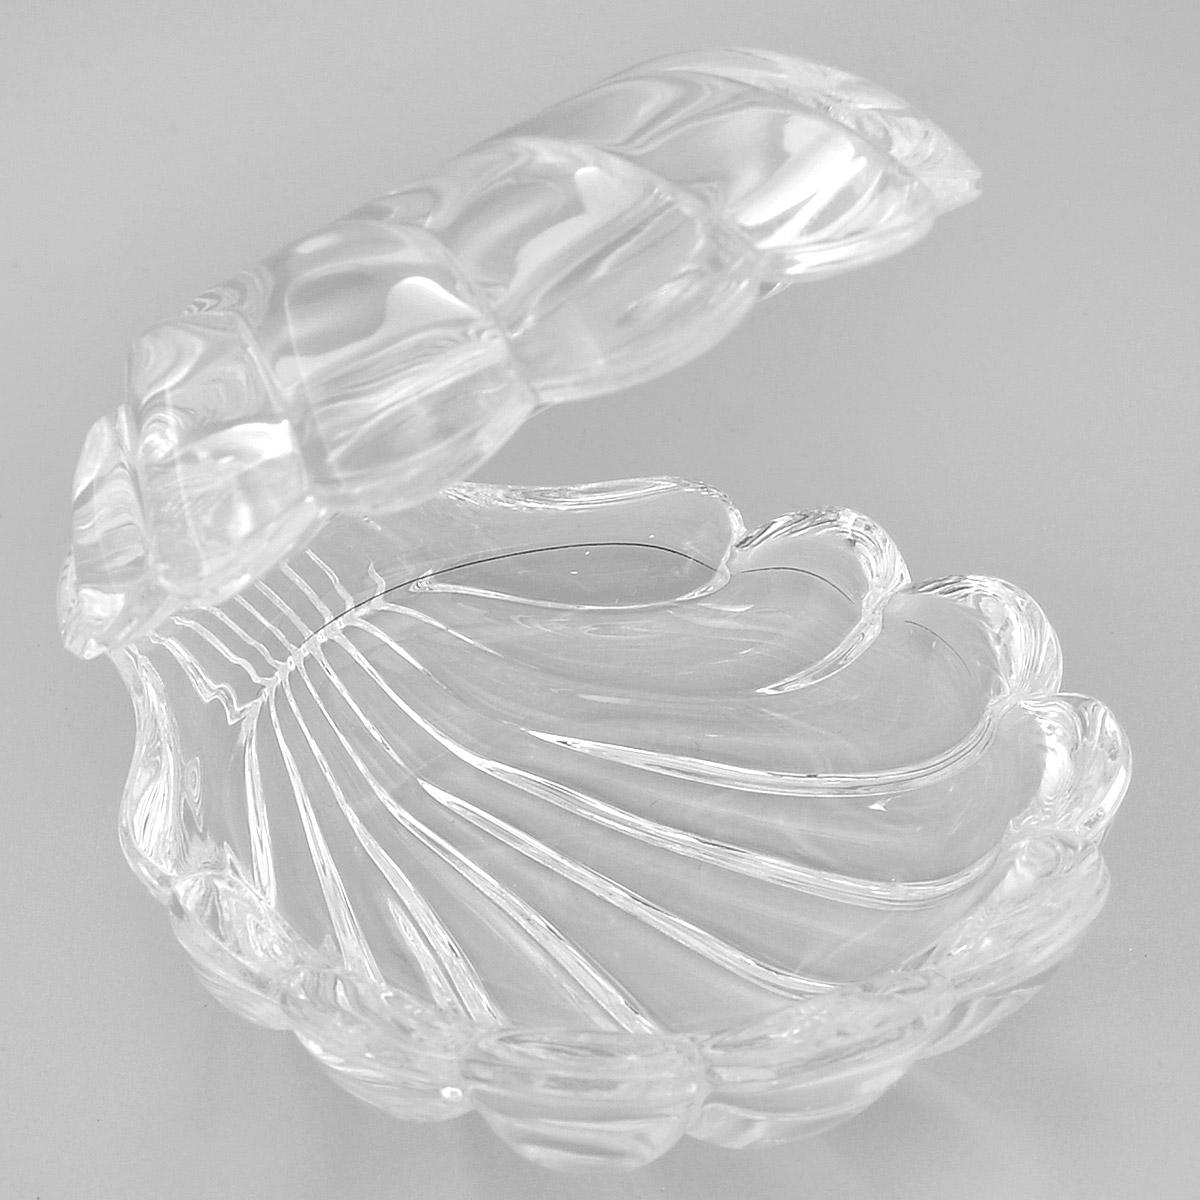 Доза Crystal Bohemia Ракушка, 7,5 х 9 х 8 см930/79610/0/68700/090-109Доза Crystal Bohemia Ракушка изготовлена из высококачественного хрусталя. Доза выполнена в форме открытой ракушки и сочетает в себе изысканный дизайн с максимальной функциональностью. Она прекрасно впишется в интерьер вашего дома. Доза подчеркнет прекрасный вкус хозяйки и станет отличным подарком.